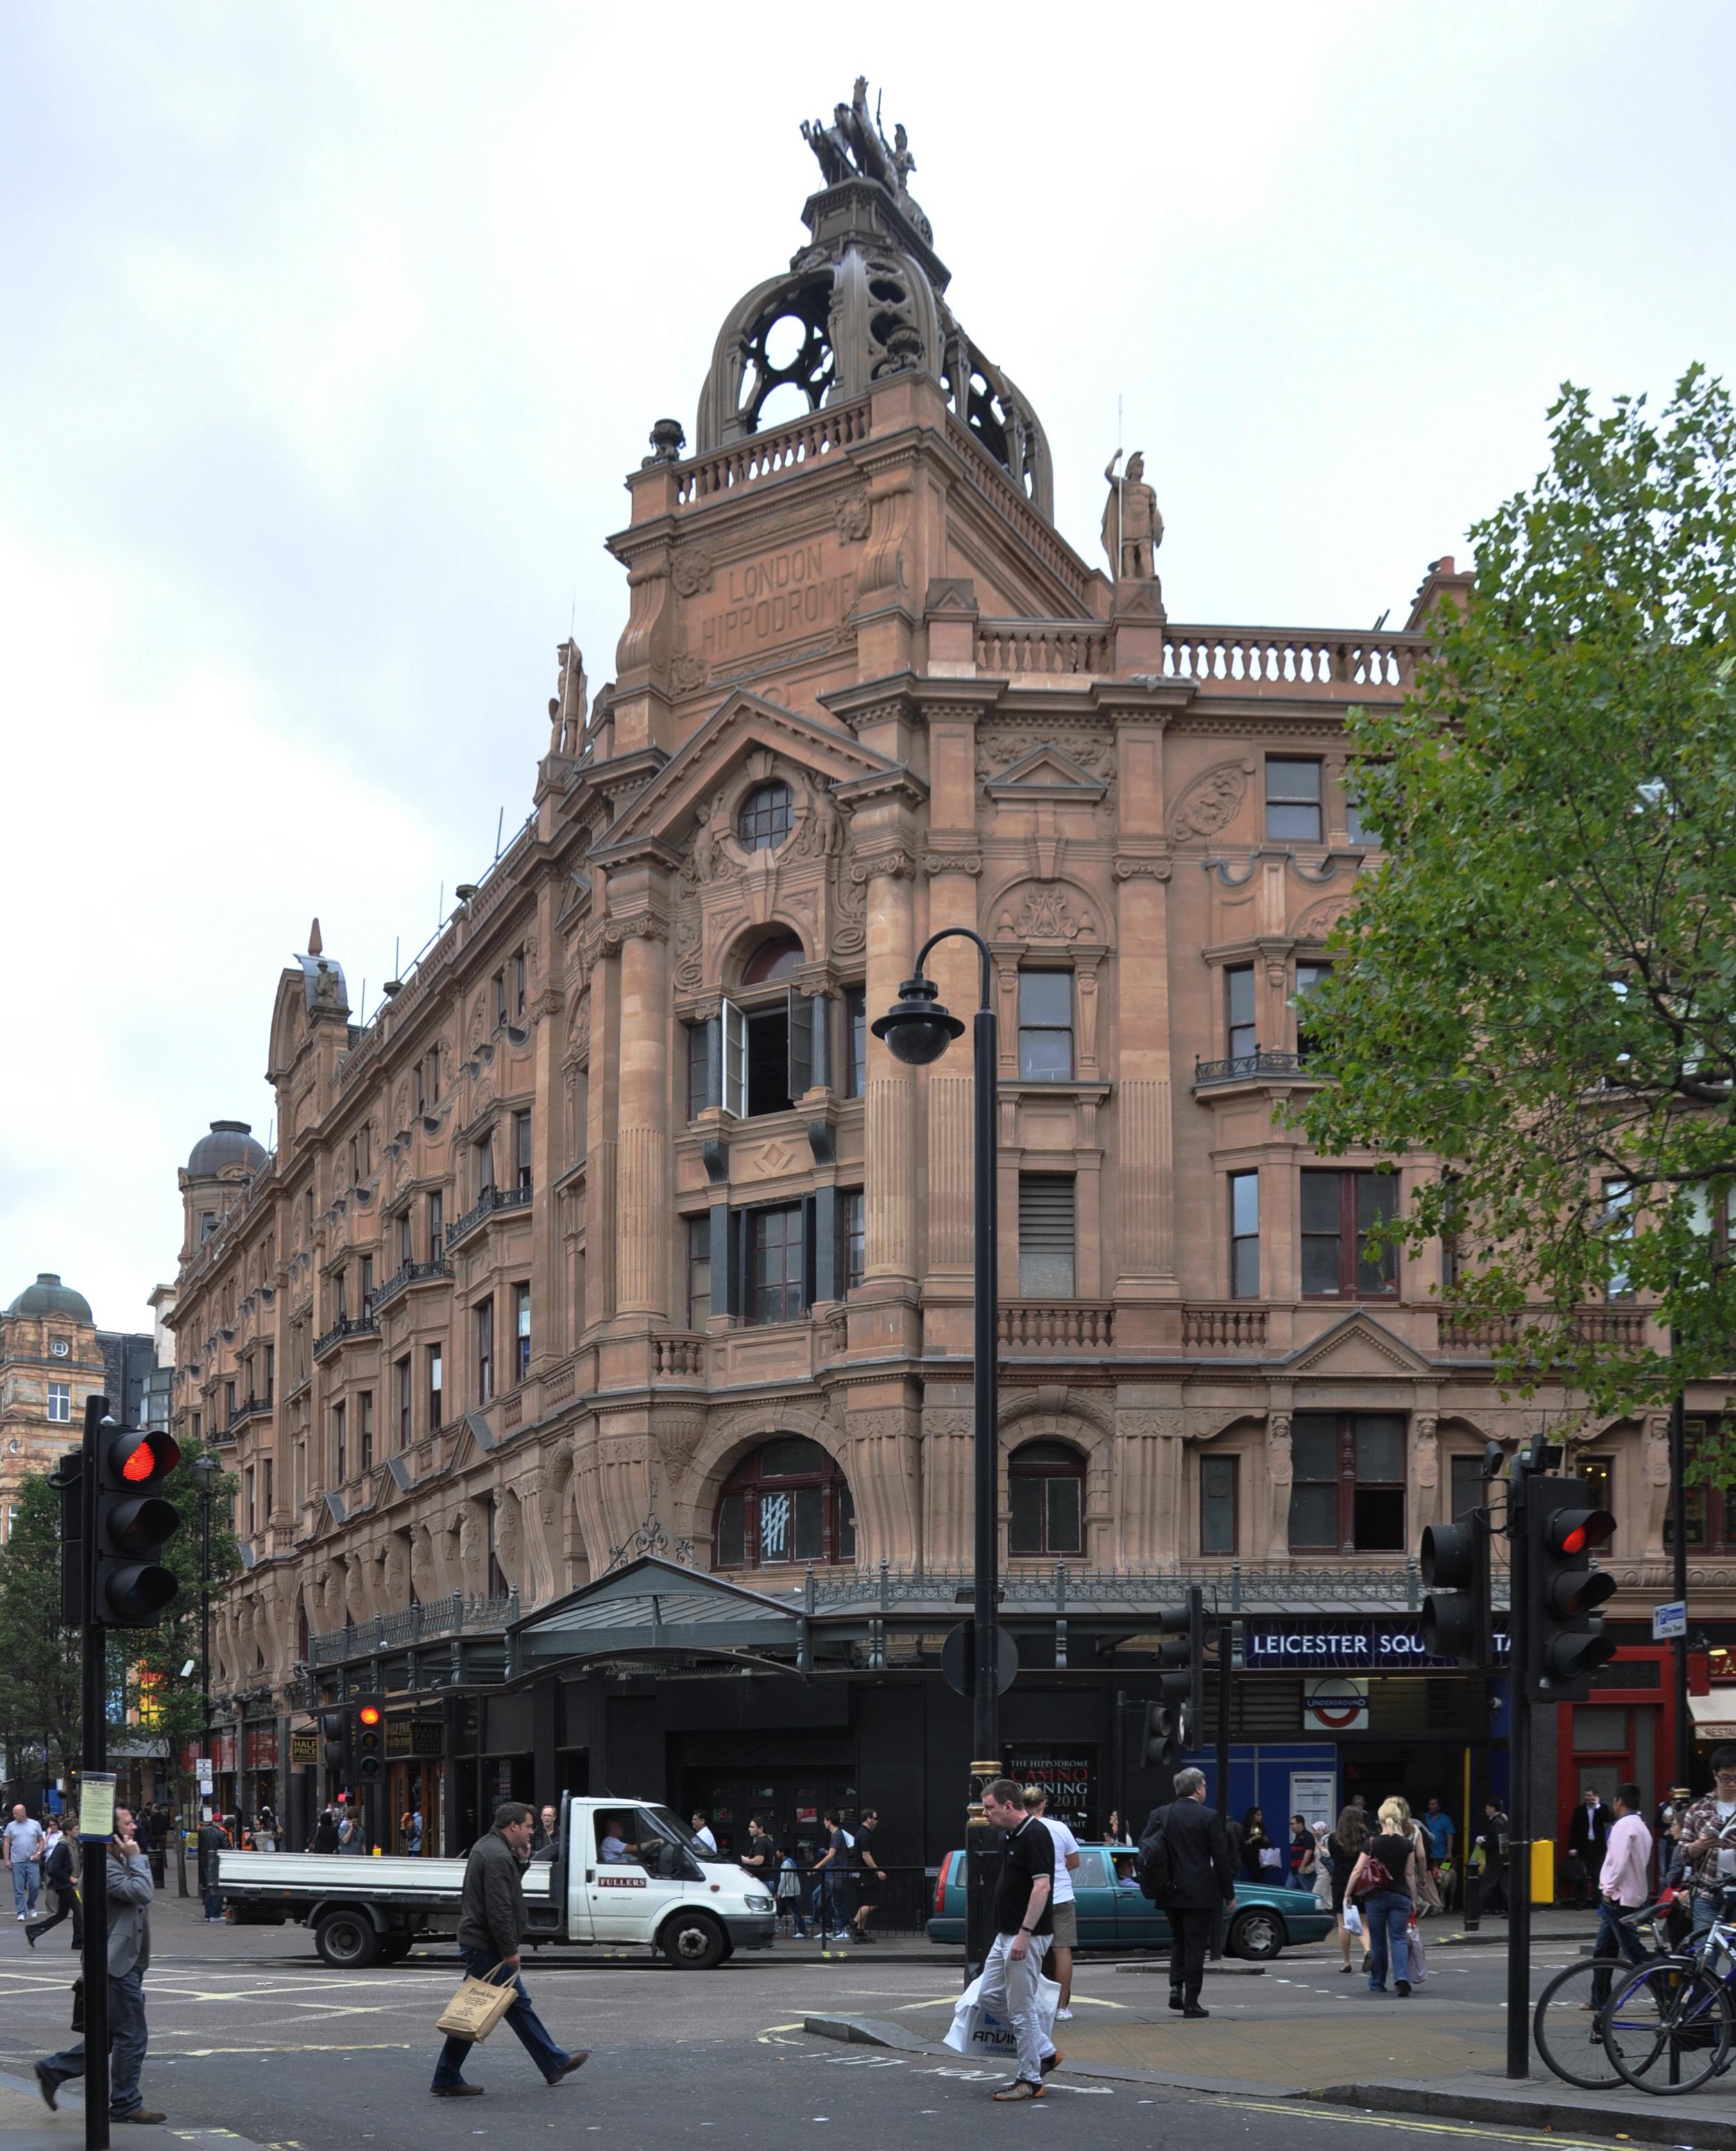 London Hippodrome